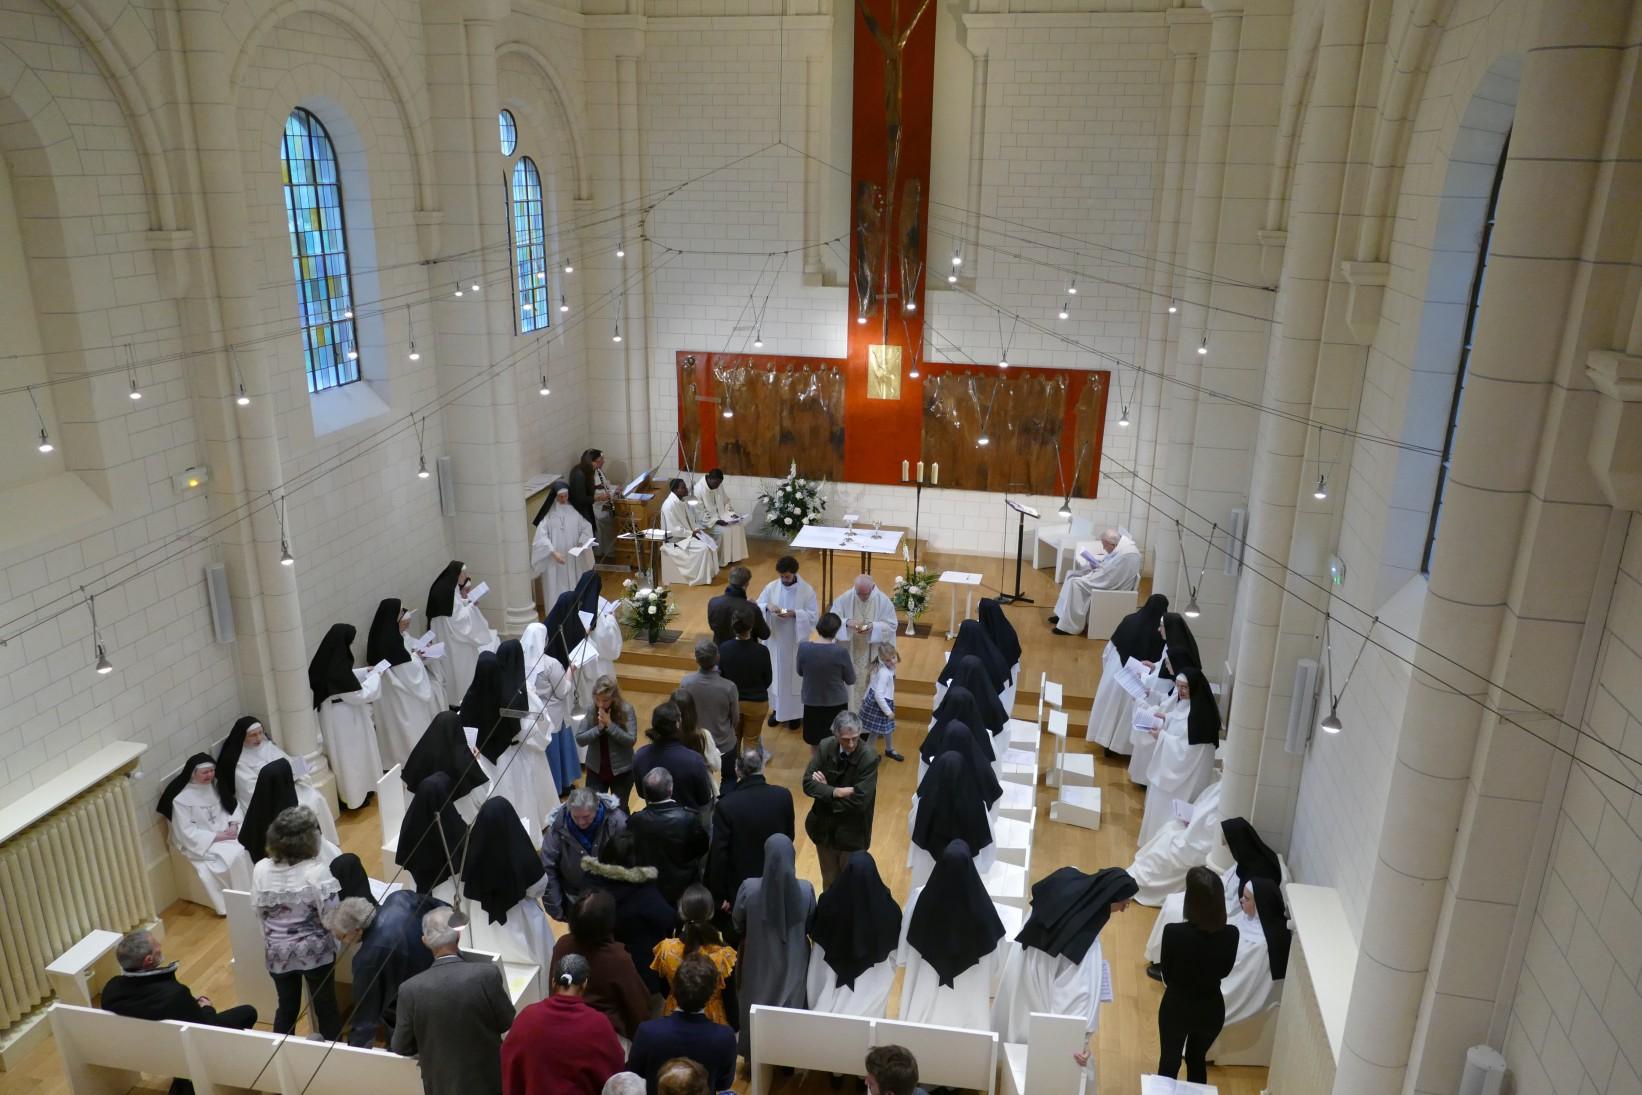 Situé dans la cité du Sacré-Coeur, tout près de la Basilique du Sacré-Coeur à Montmartre, Le Prieuré Saint-benoît vous ouvre ses portes !